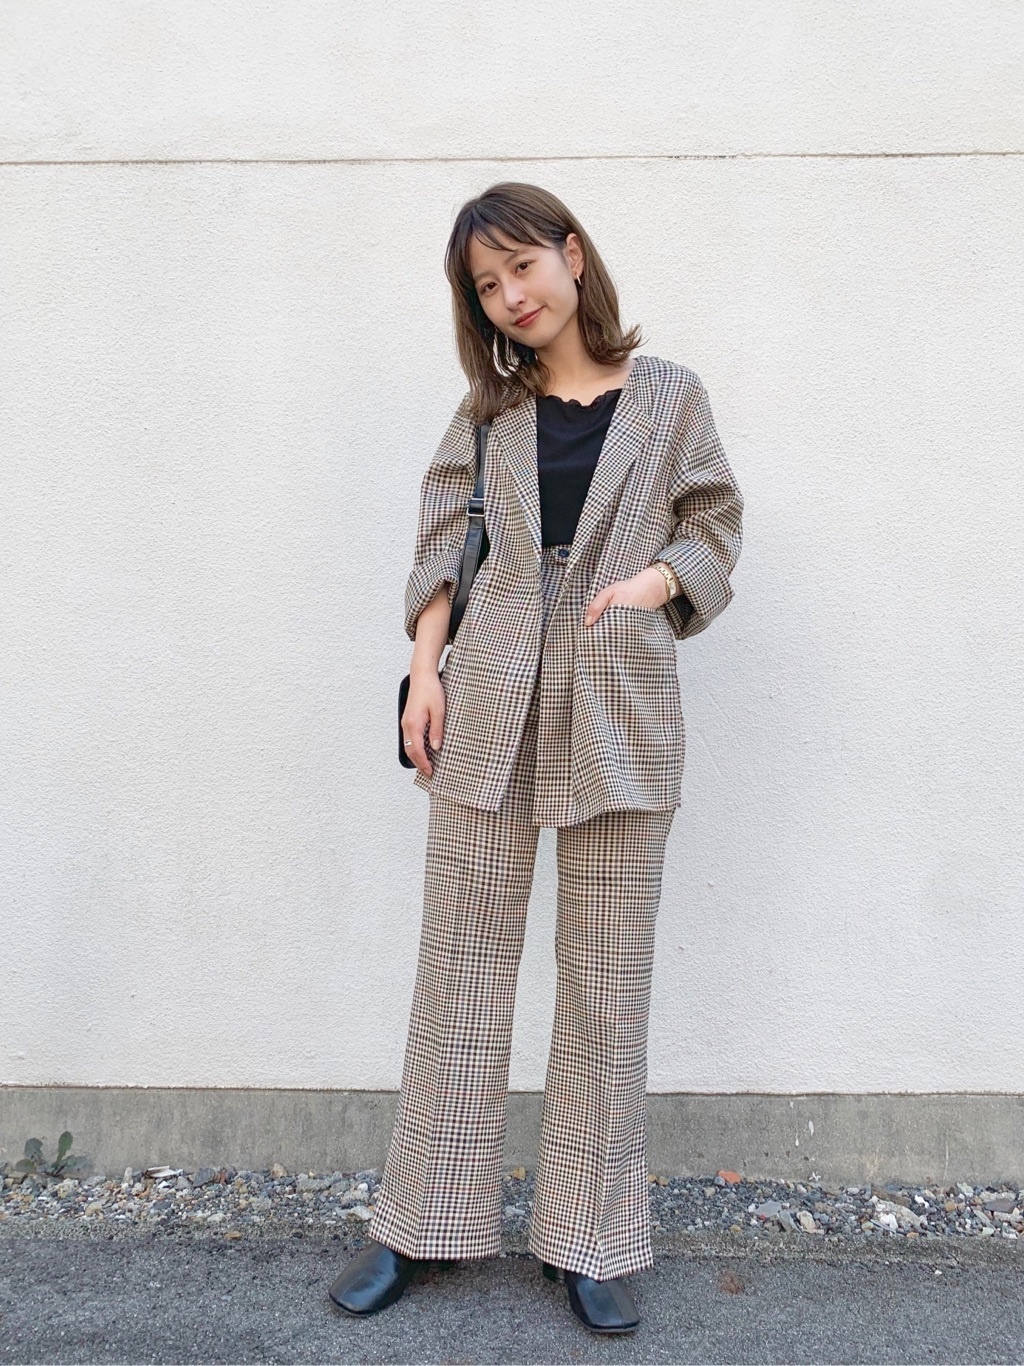 一件格紋西裝外套搞定所有穿搭!秋冬的率性褲裝先學日本女生這樣穿 | | 美人計 | 妞新聞 niusnews